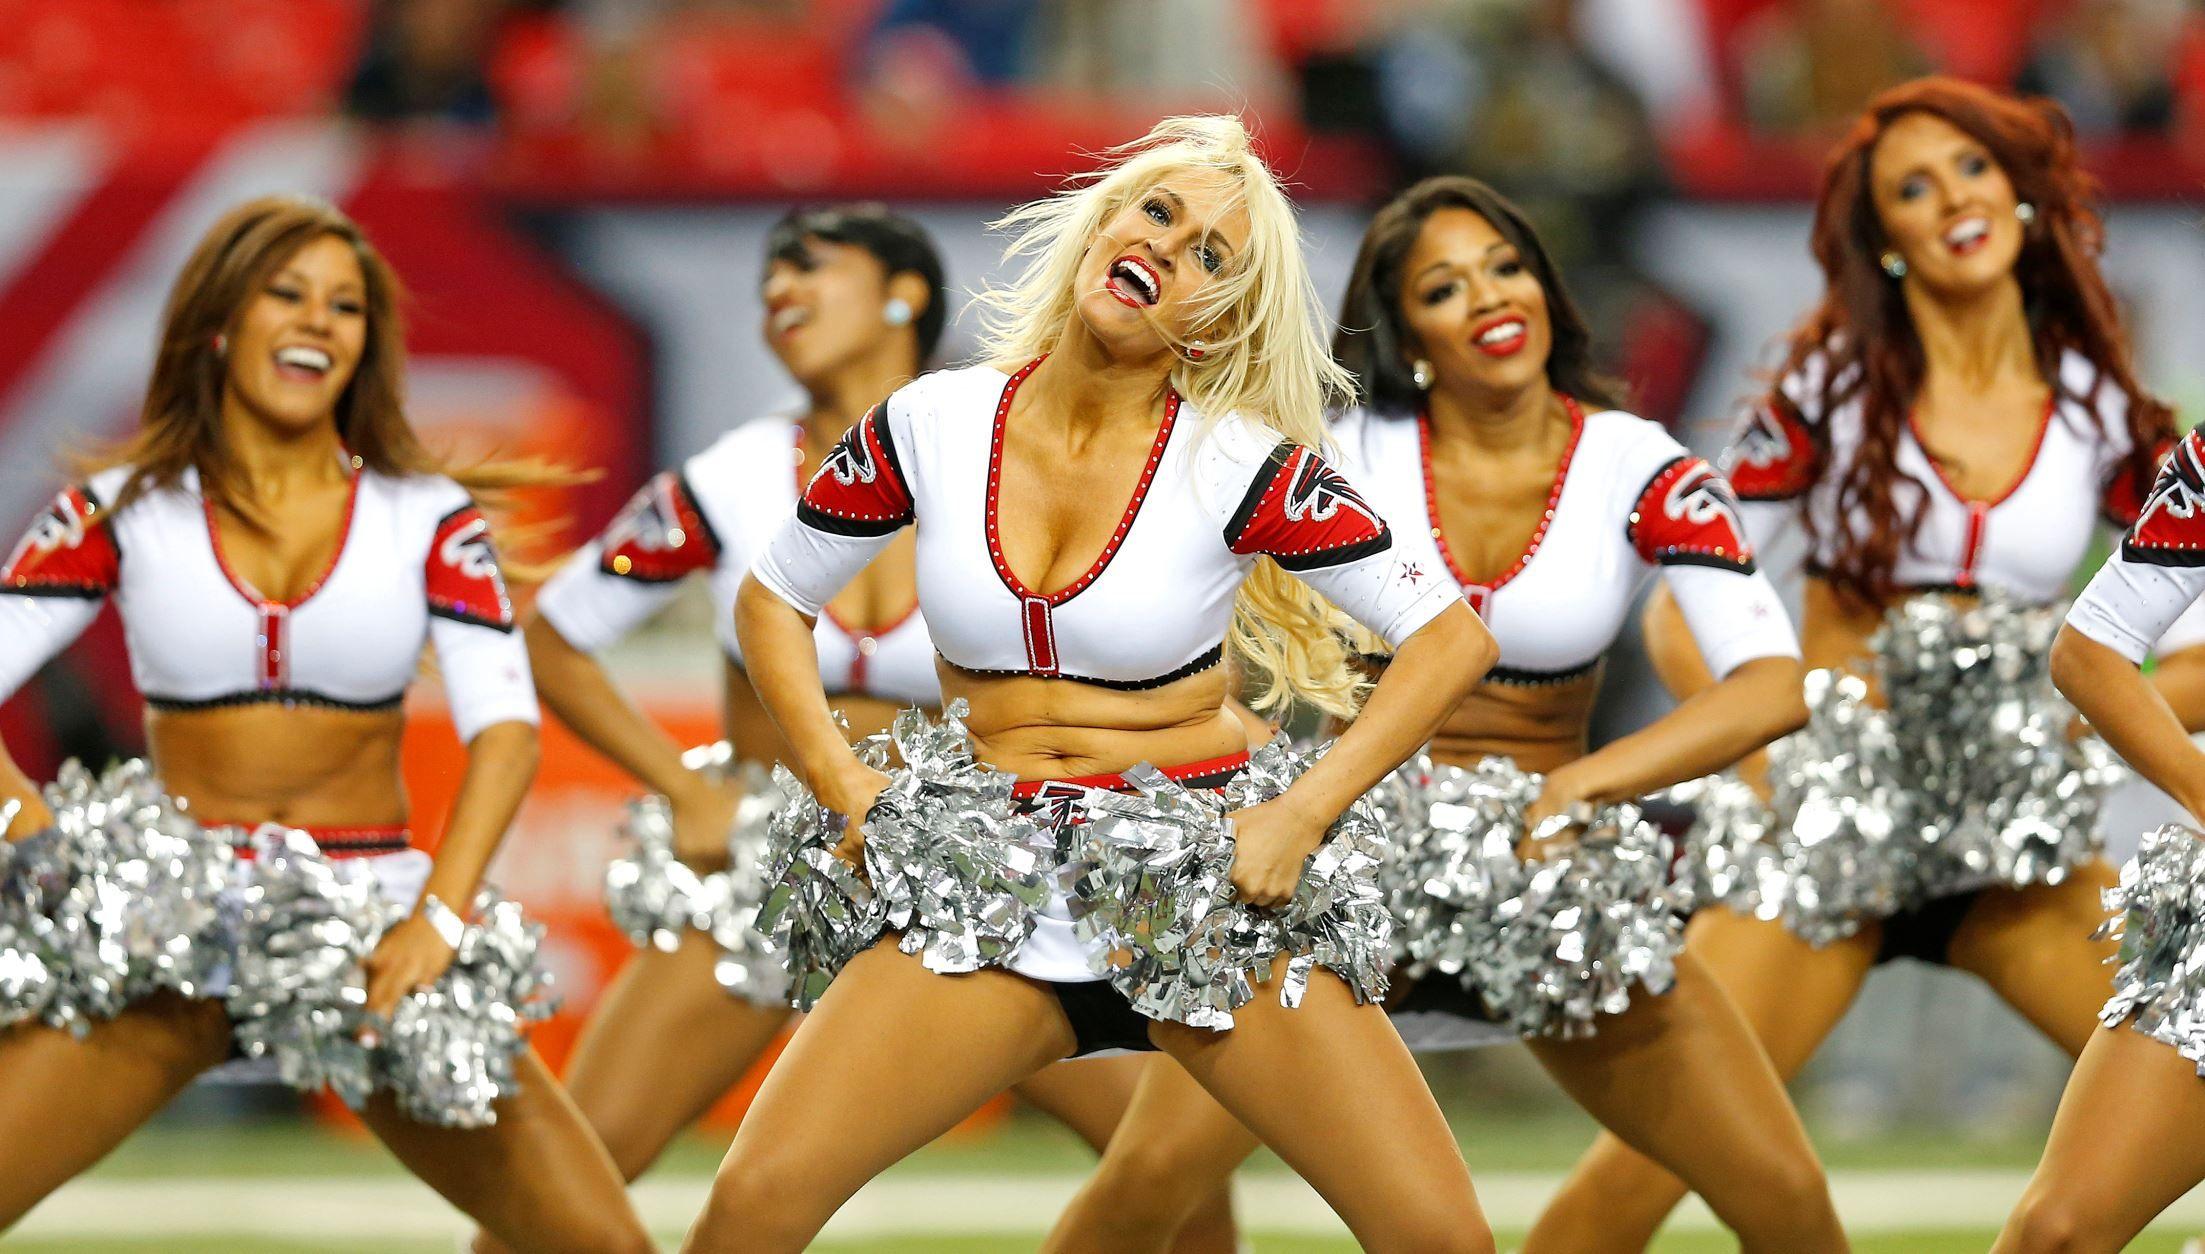 Nfl Cheerleaders Nfl Cheerleaders Atlanta Falcons Cheerleaders Cheerleading